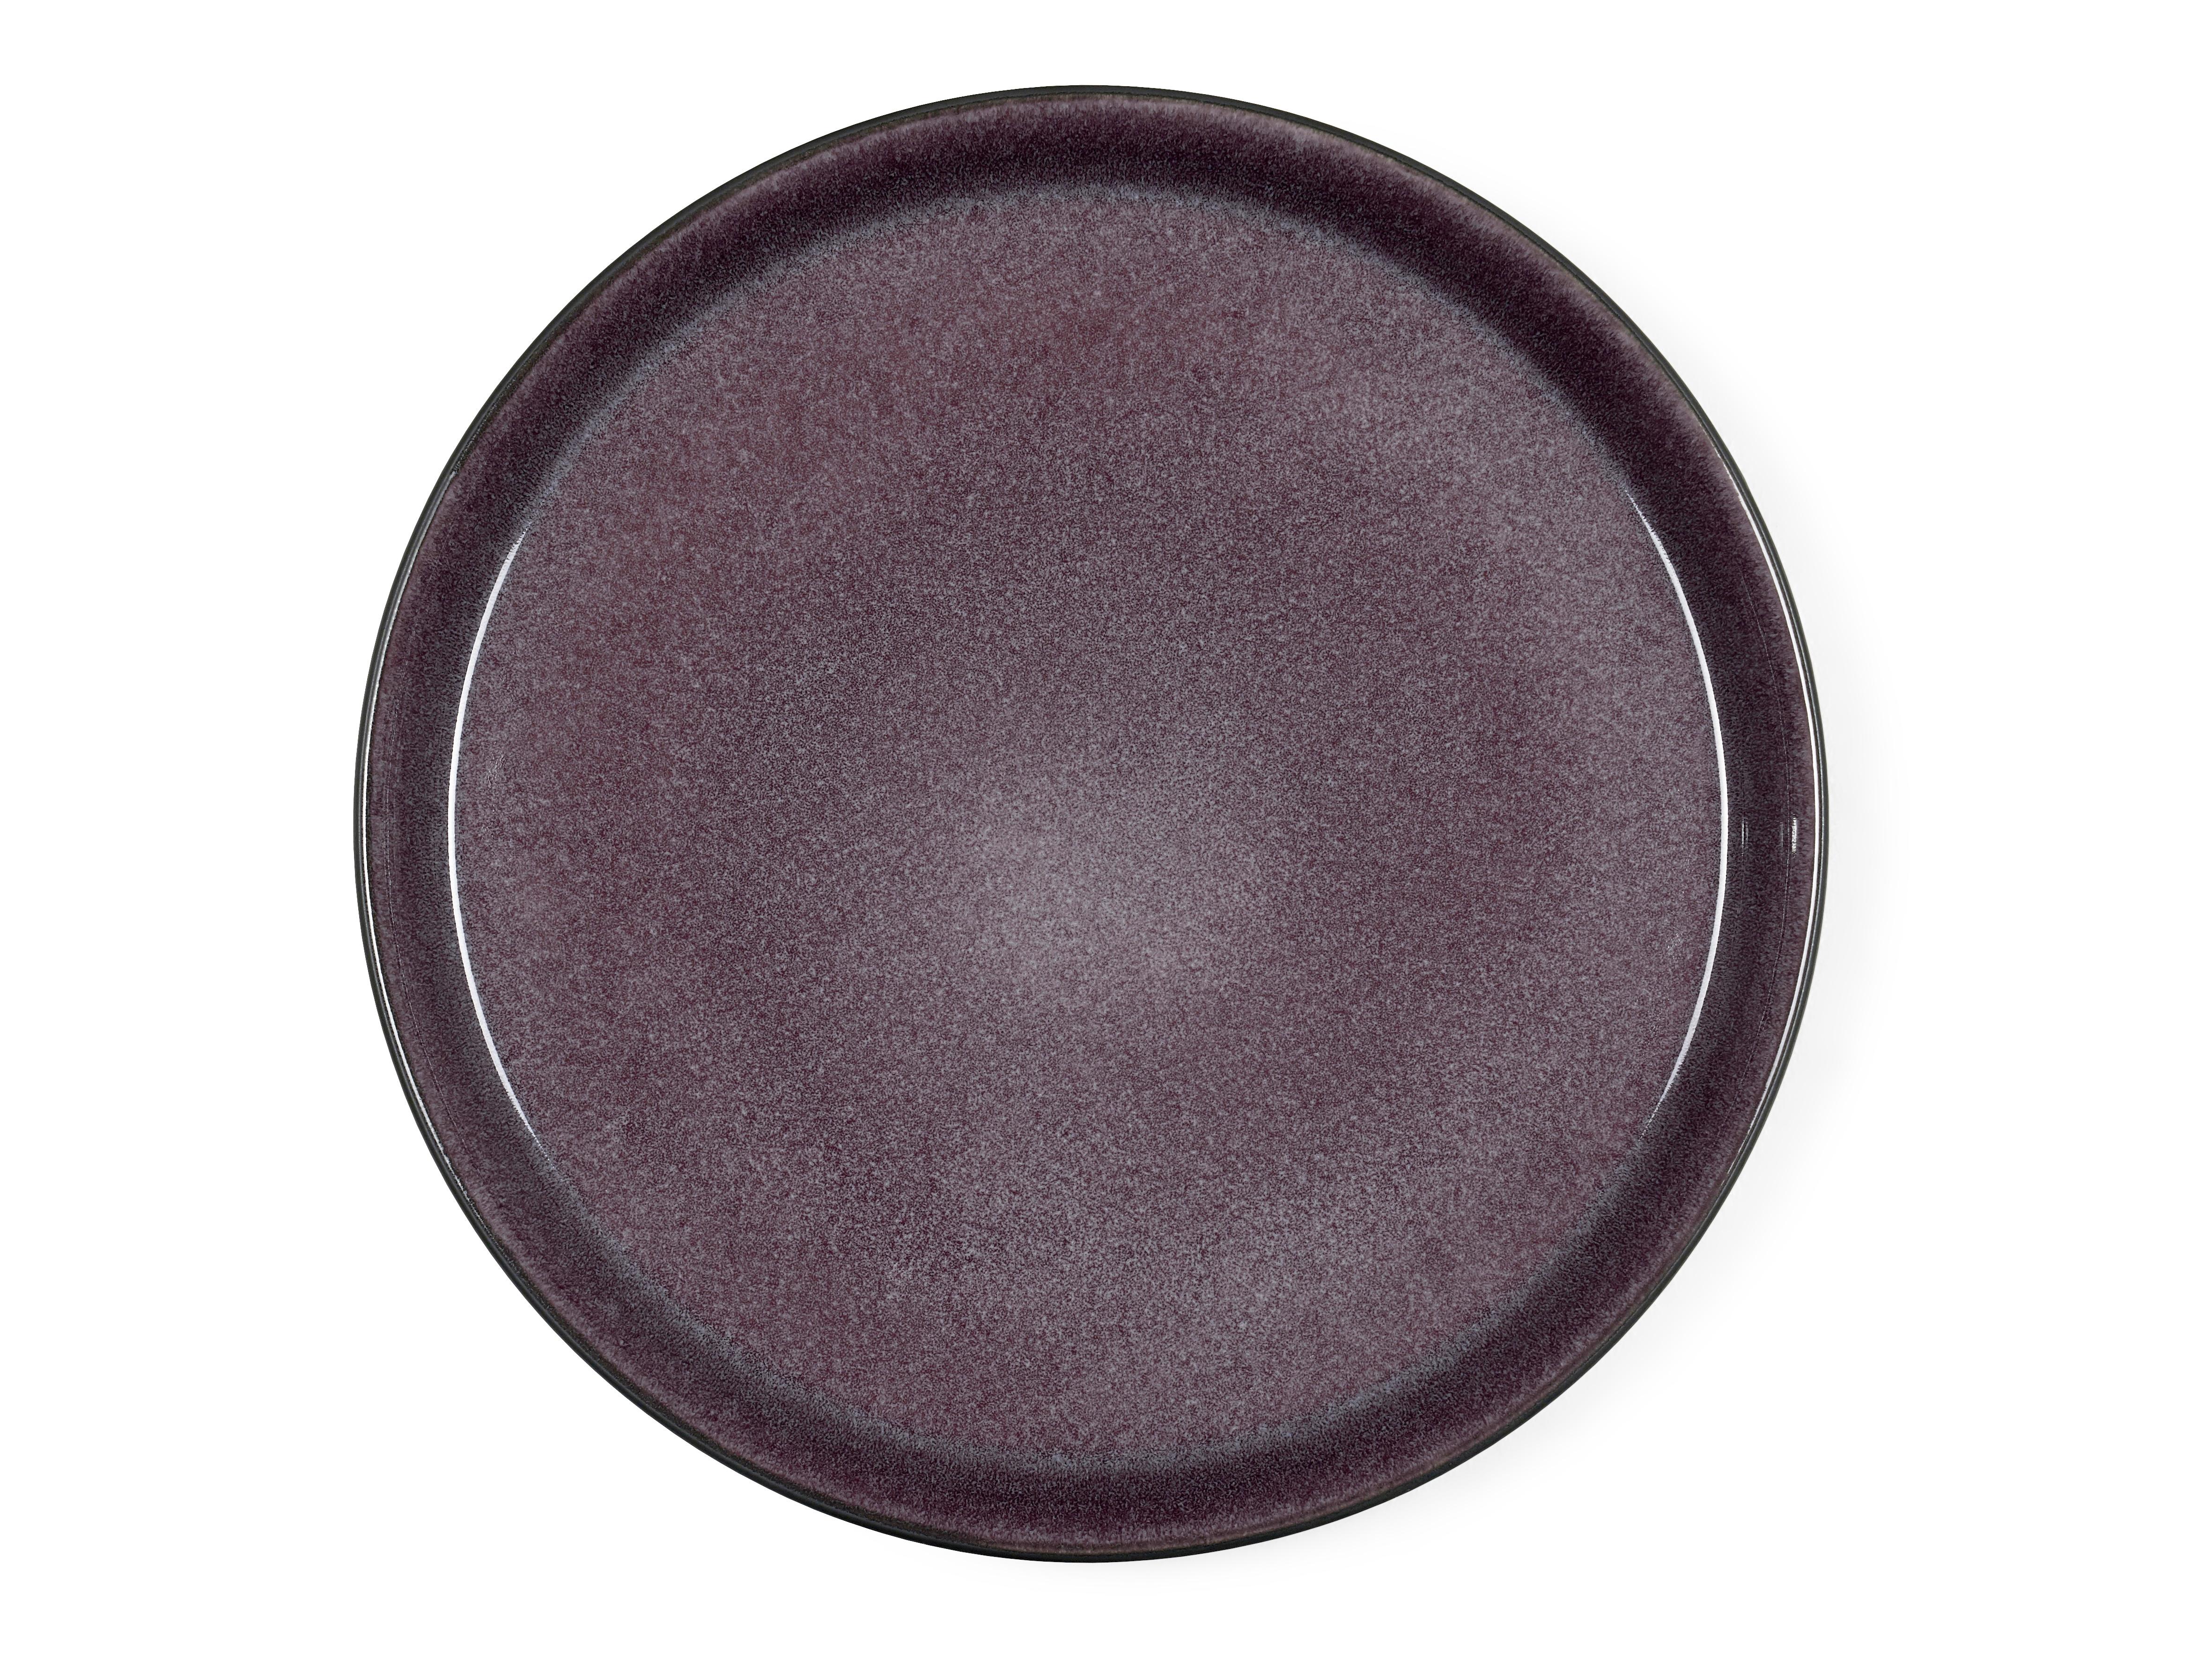 Bitz Gastro middagstallerken, Ø27 cm, sort/lilla